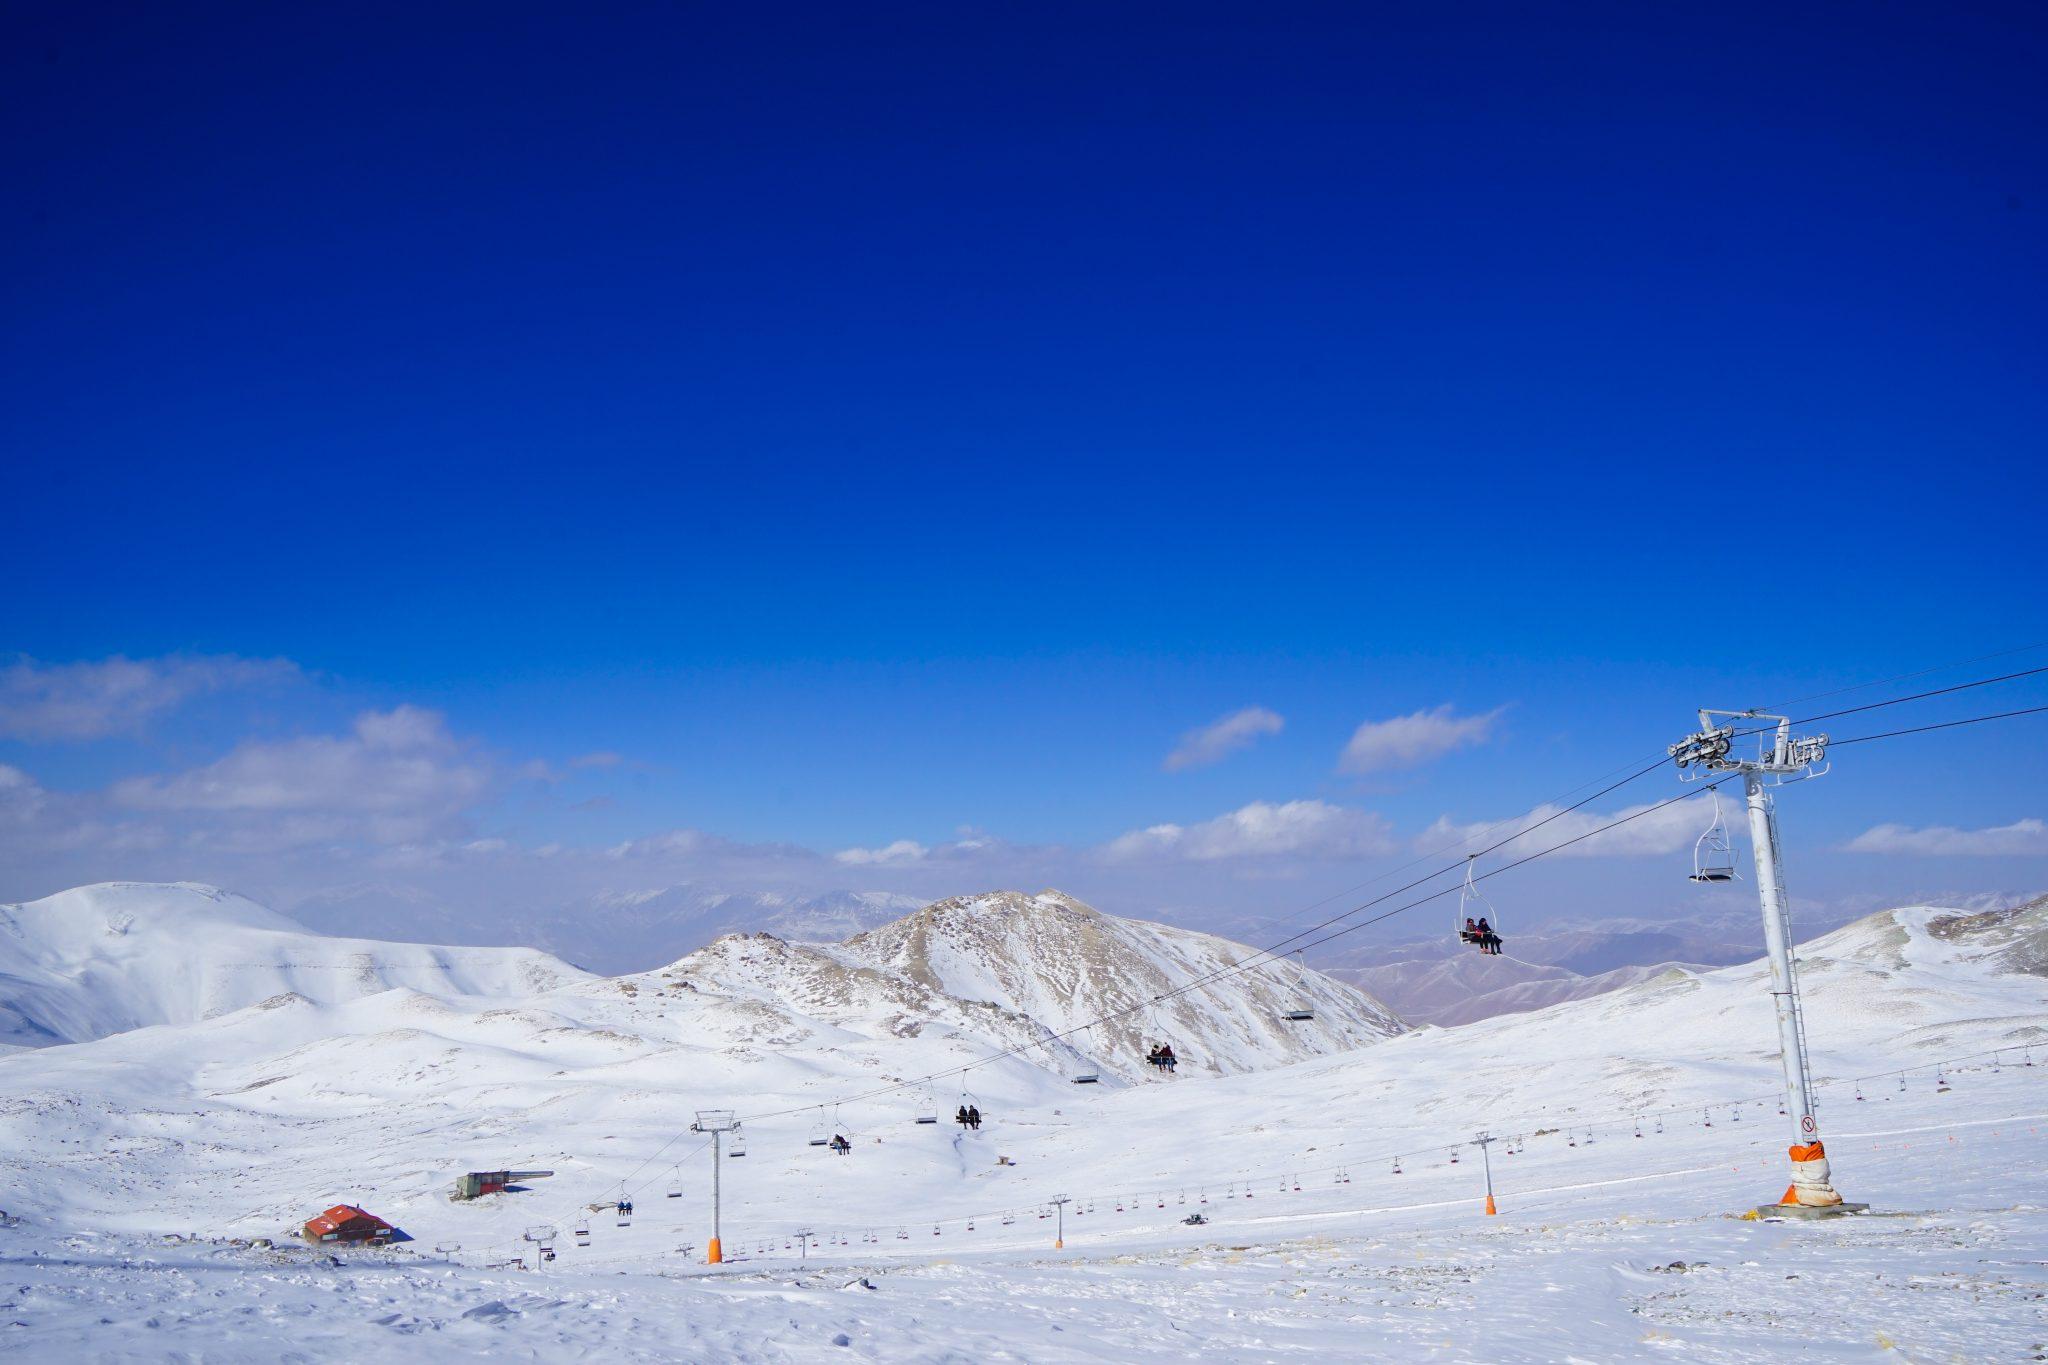 Что посмотреть в Тегеране: горнолыжные курорты. Еще больше про Иран в блоге Bazariran.ru